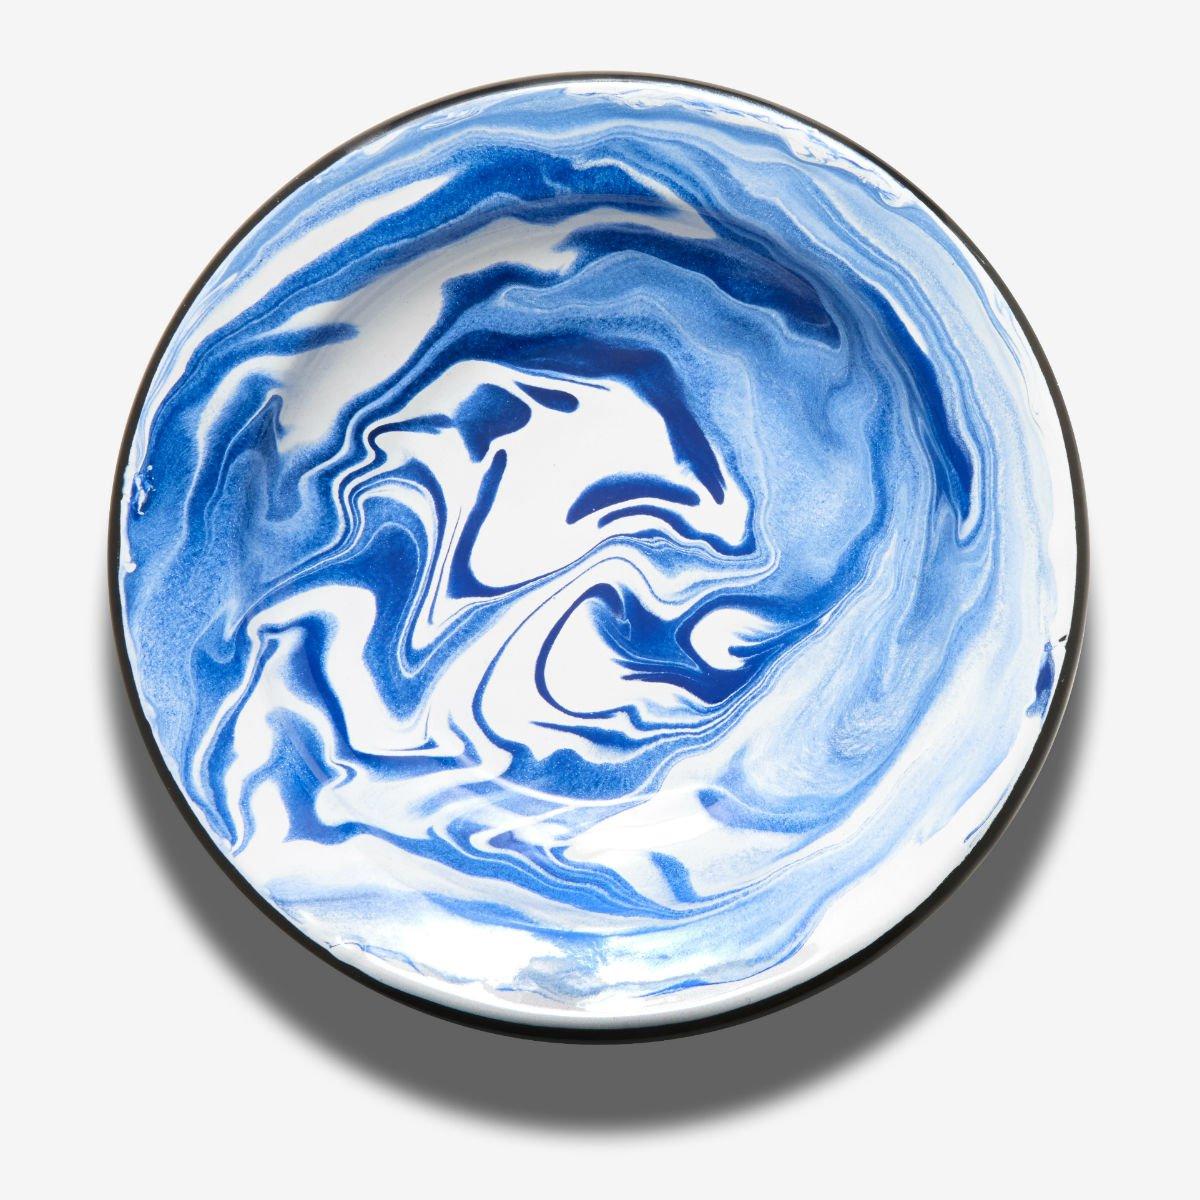 Hluboký modrý talíř